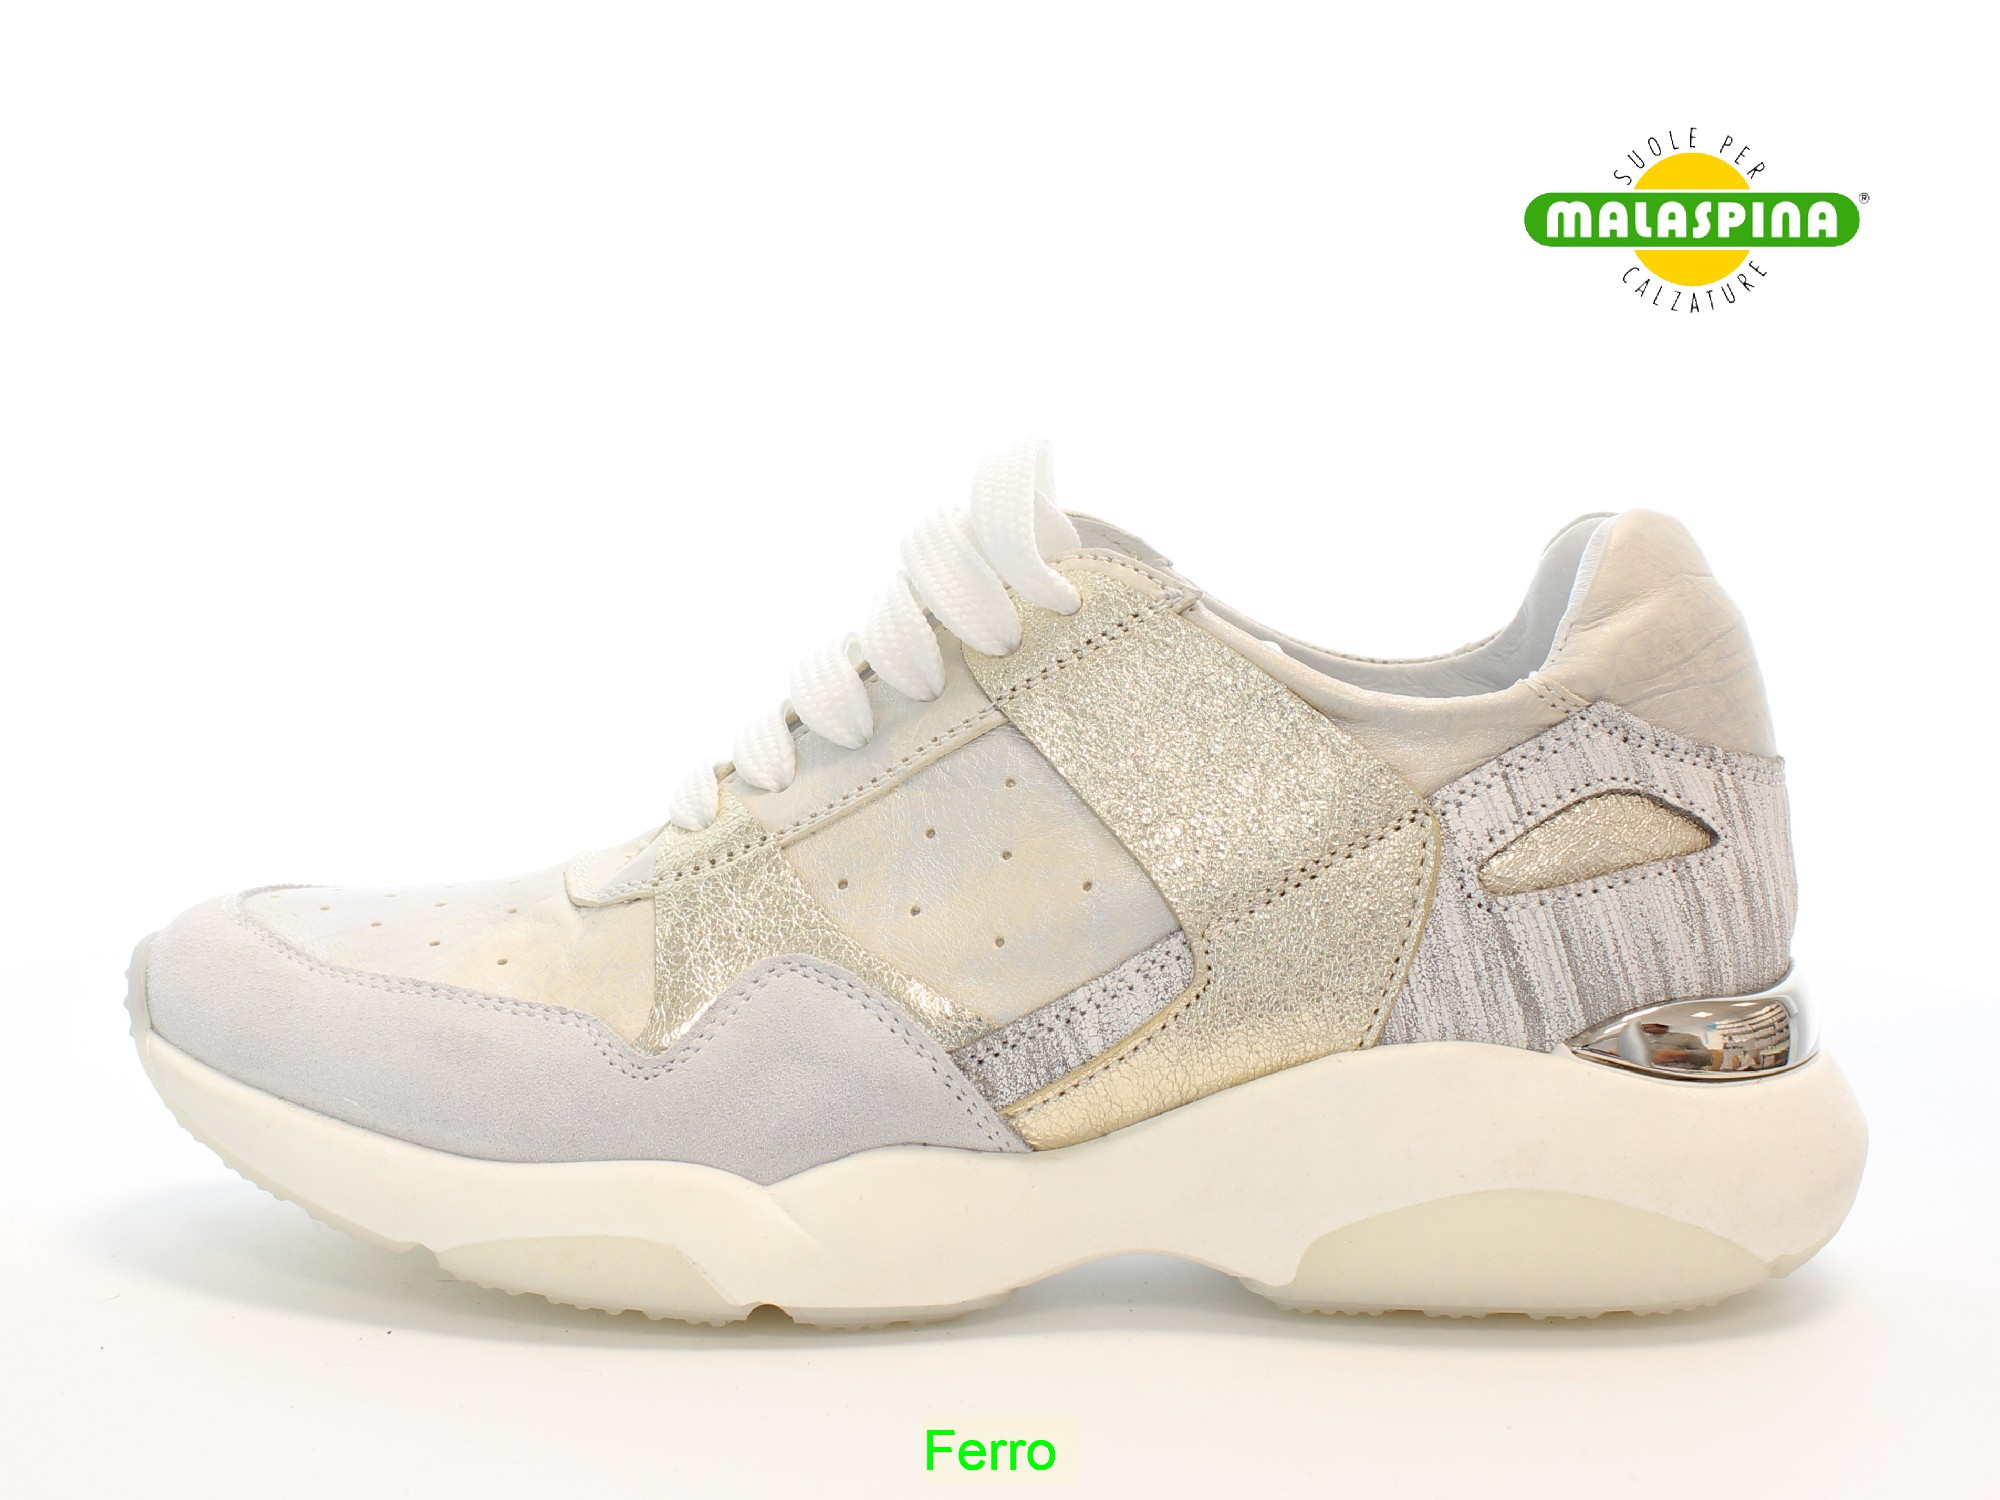 ModaMalaspina Passano Le Sneakers Mai Di Bianche Non HIYD2E9eW